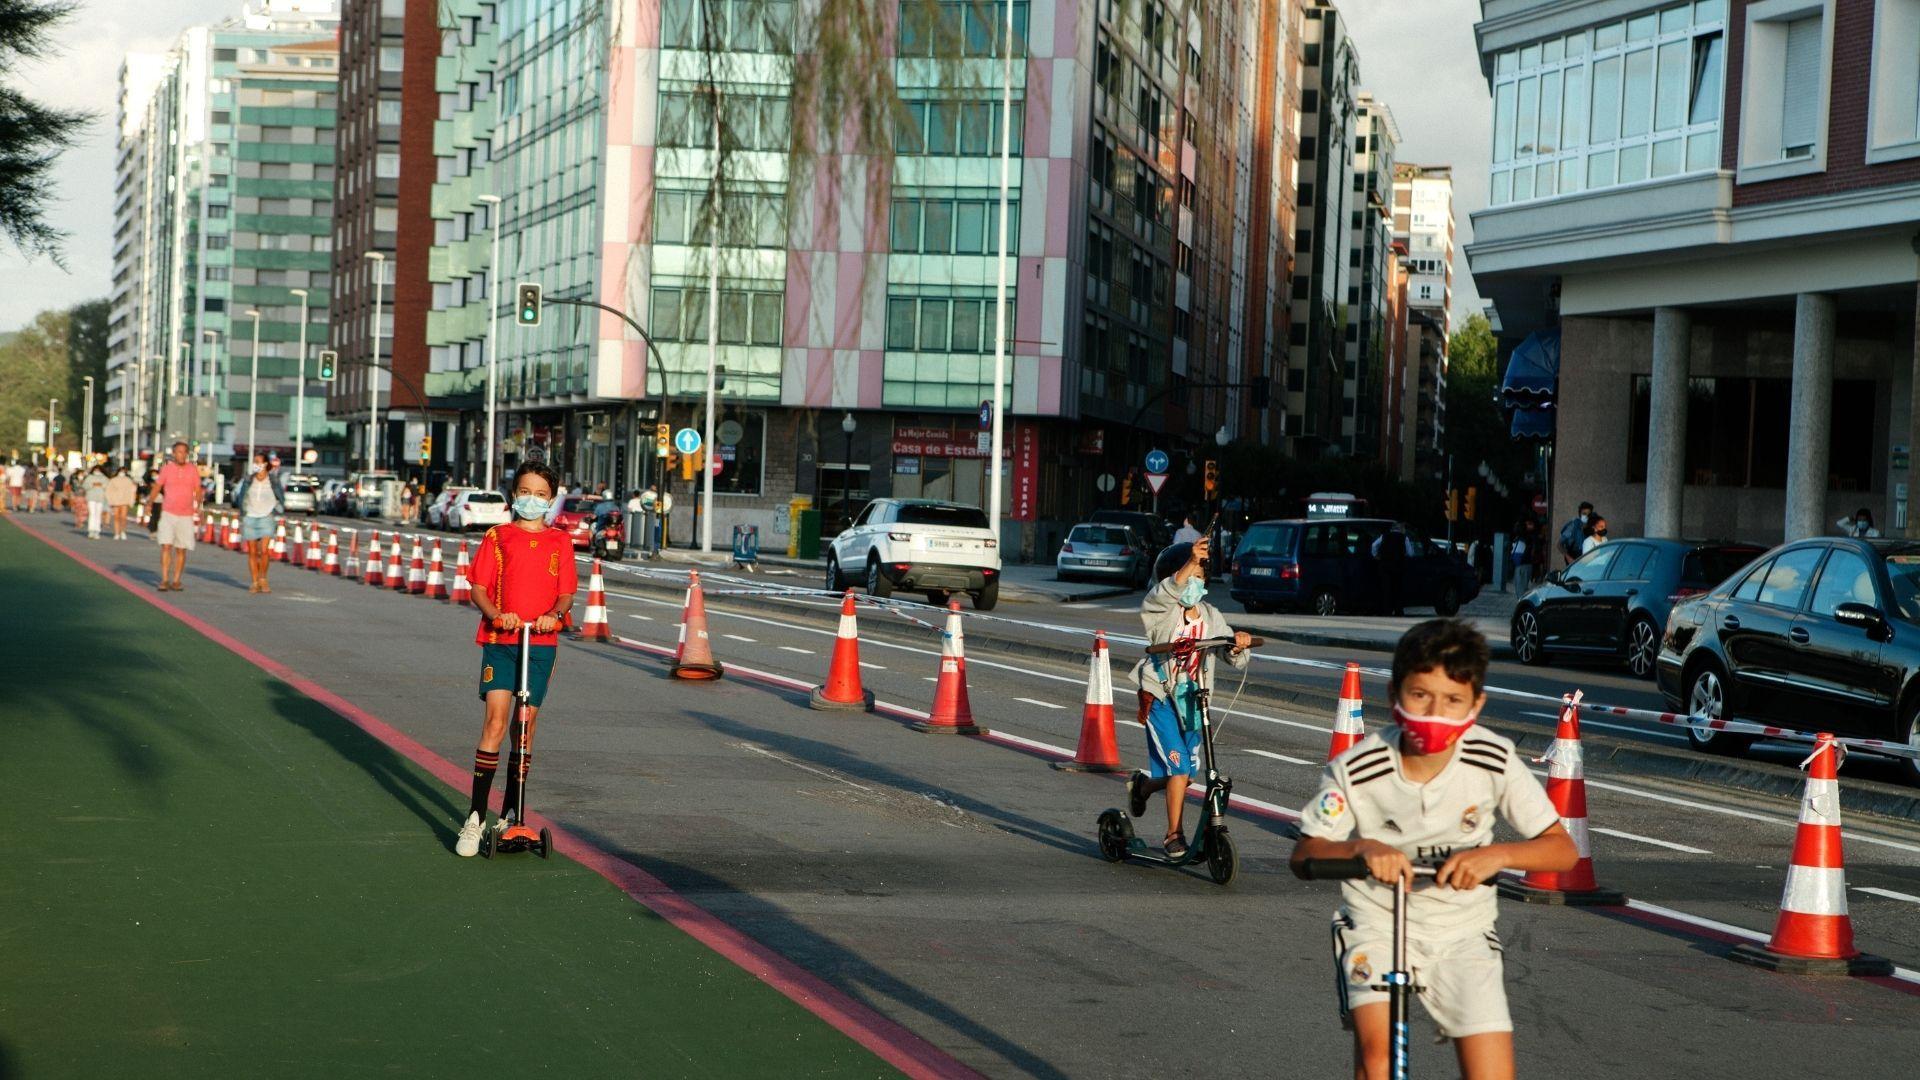 Usuarios de patinetes en el carril ganado al tráfico en el Muro de San Lorenzo